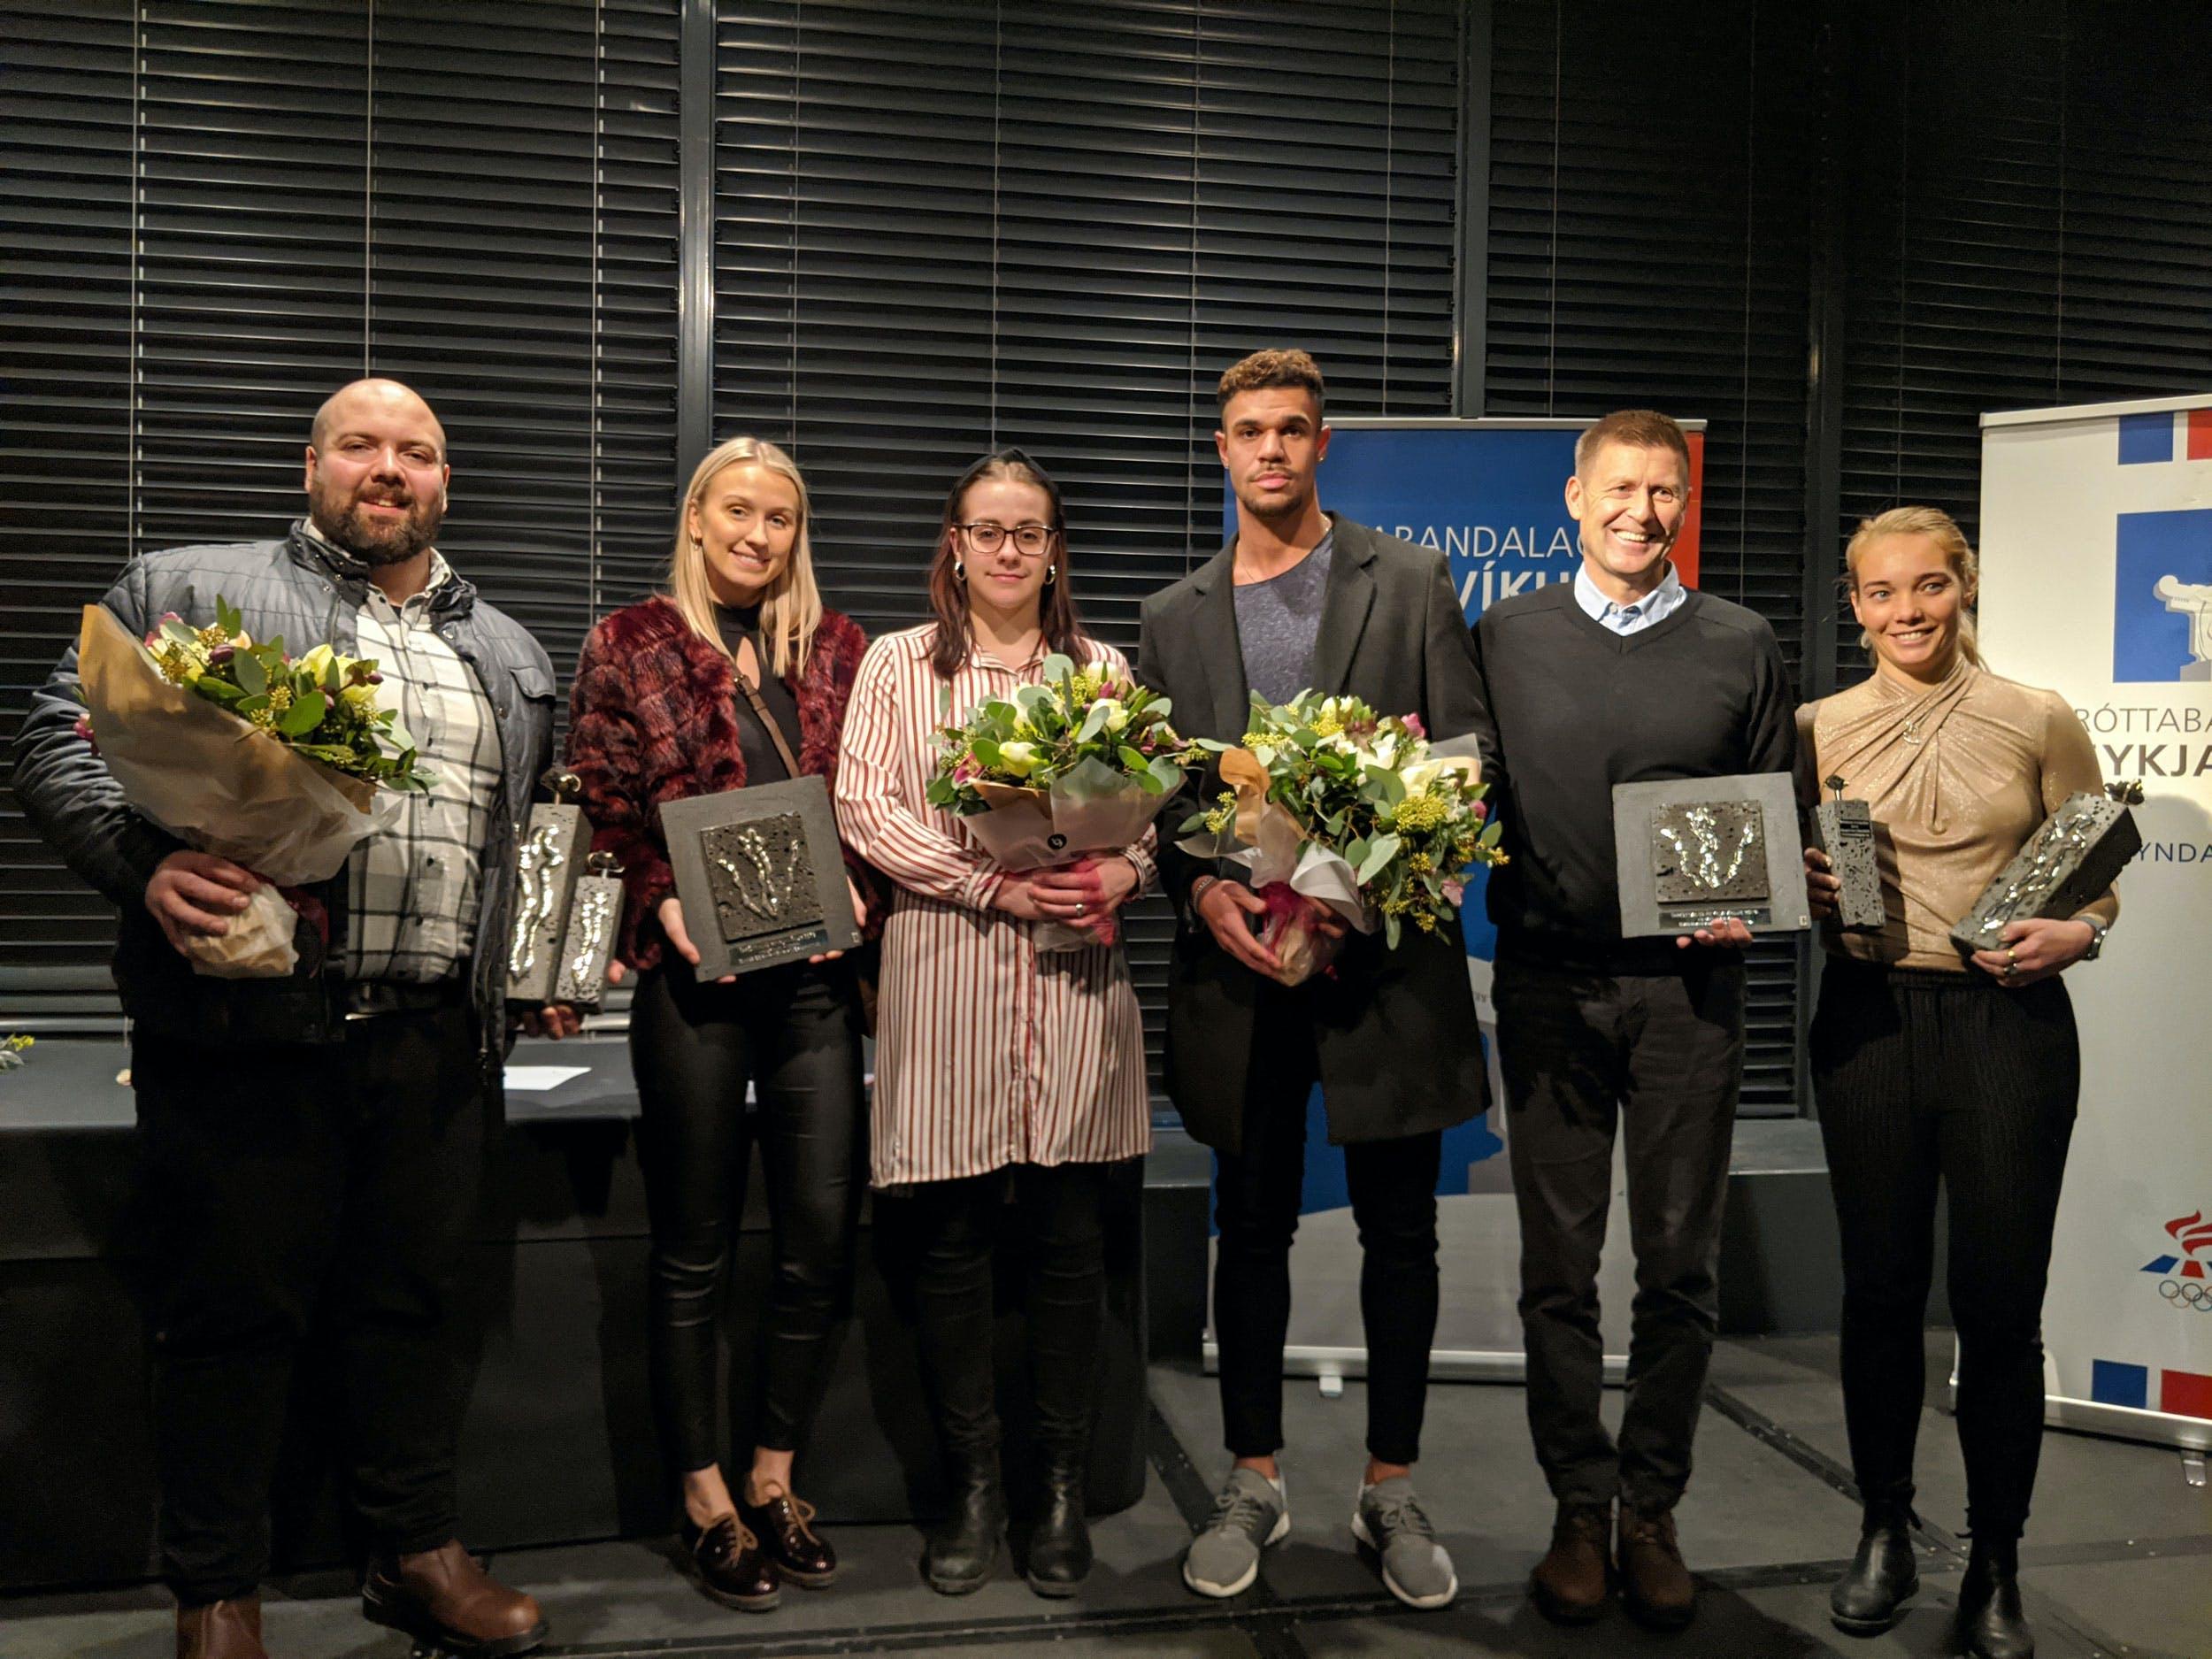 Íþróttafólk Reykjavíkur 2019